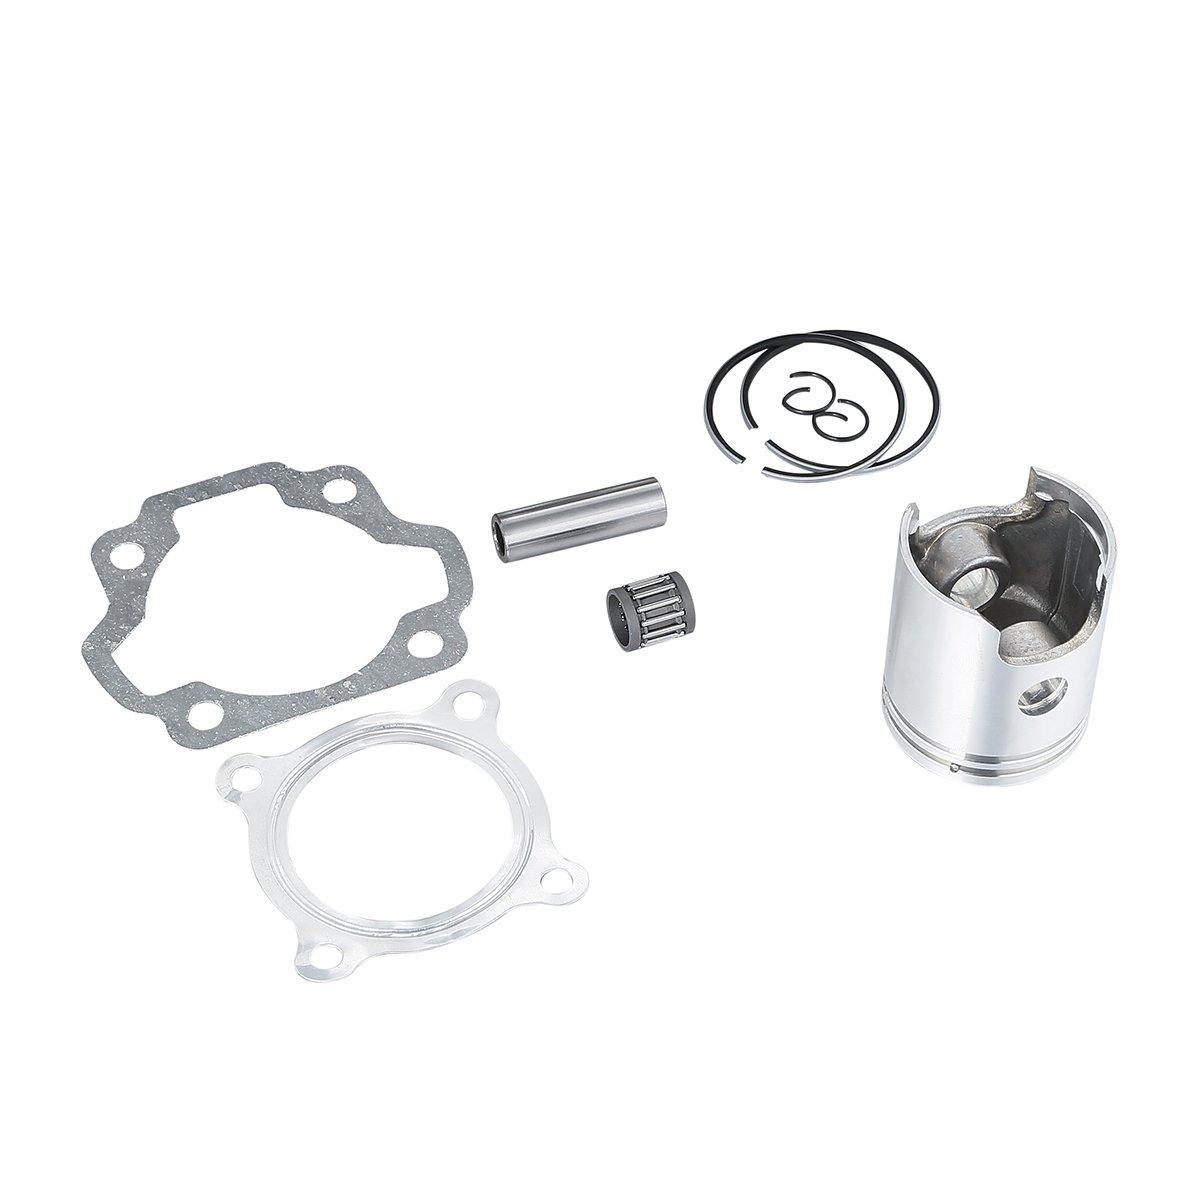 XMT-MOTO For 1983-2006 YAMAHA PW80 Y-Zinger Engine Cylinder Piston Ring Head Gasket Kit OEM Part: 3E5-11631-00-97